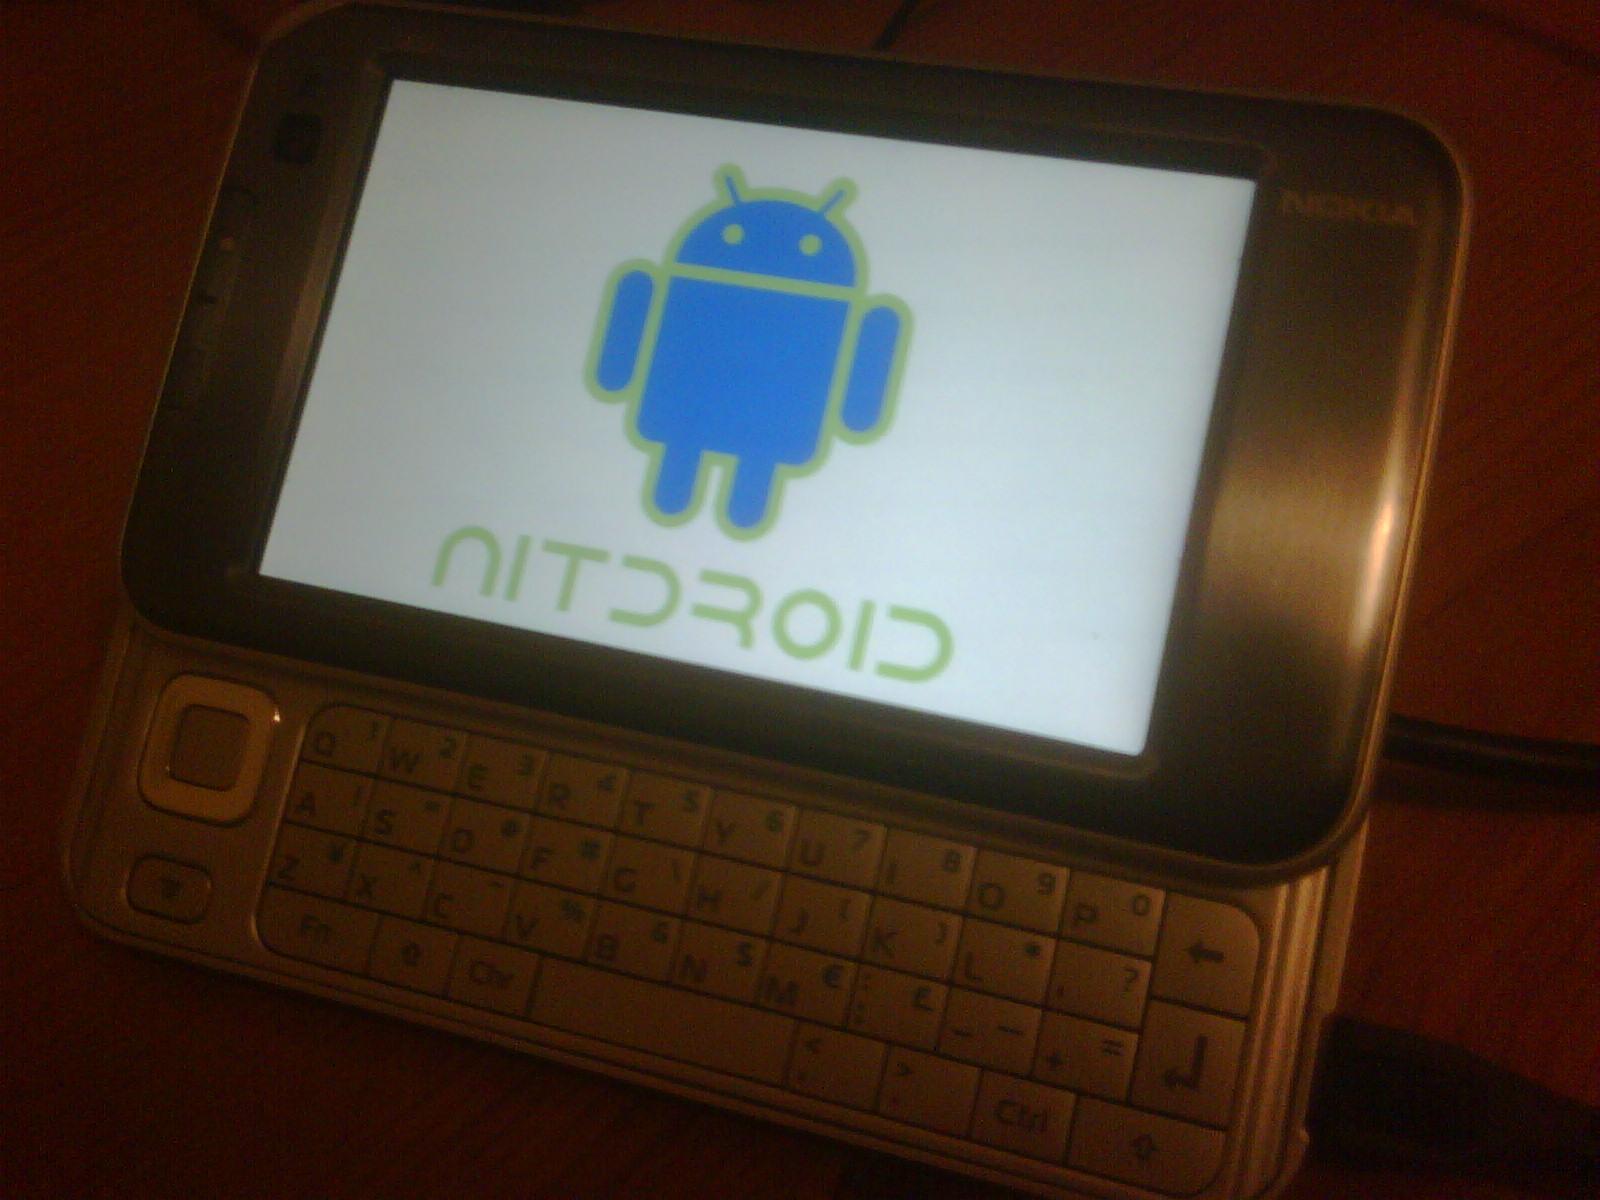 mobile9 nokia n97 mini